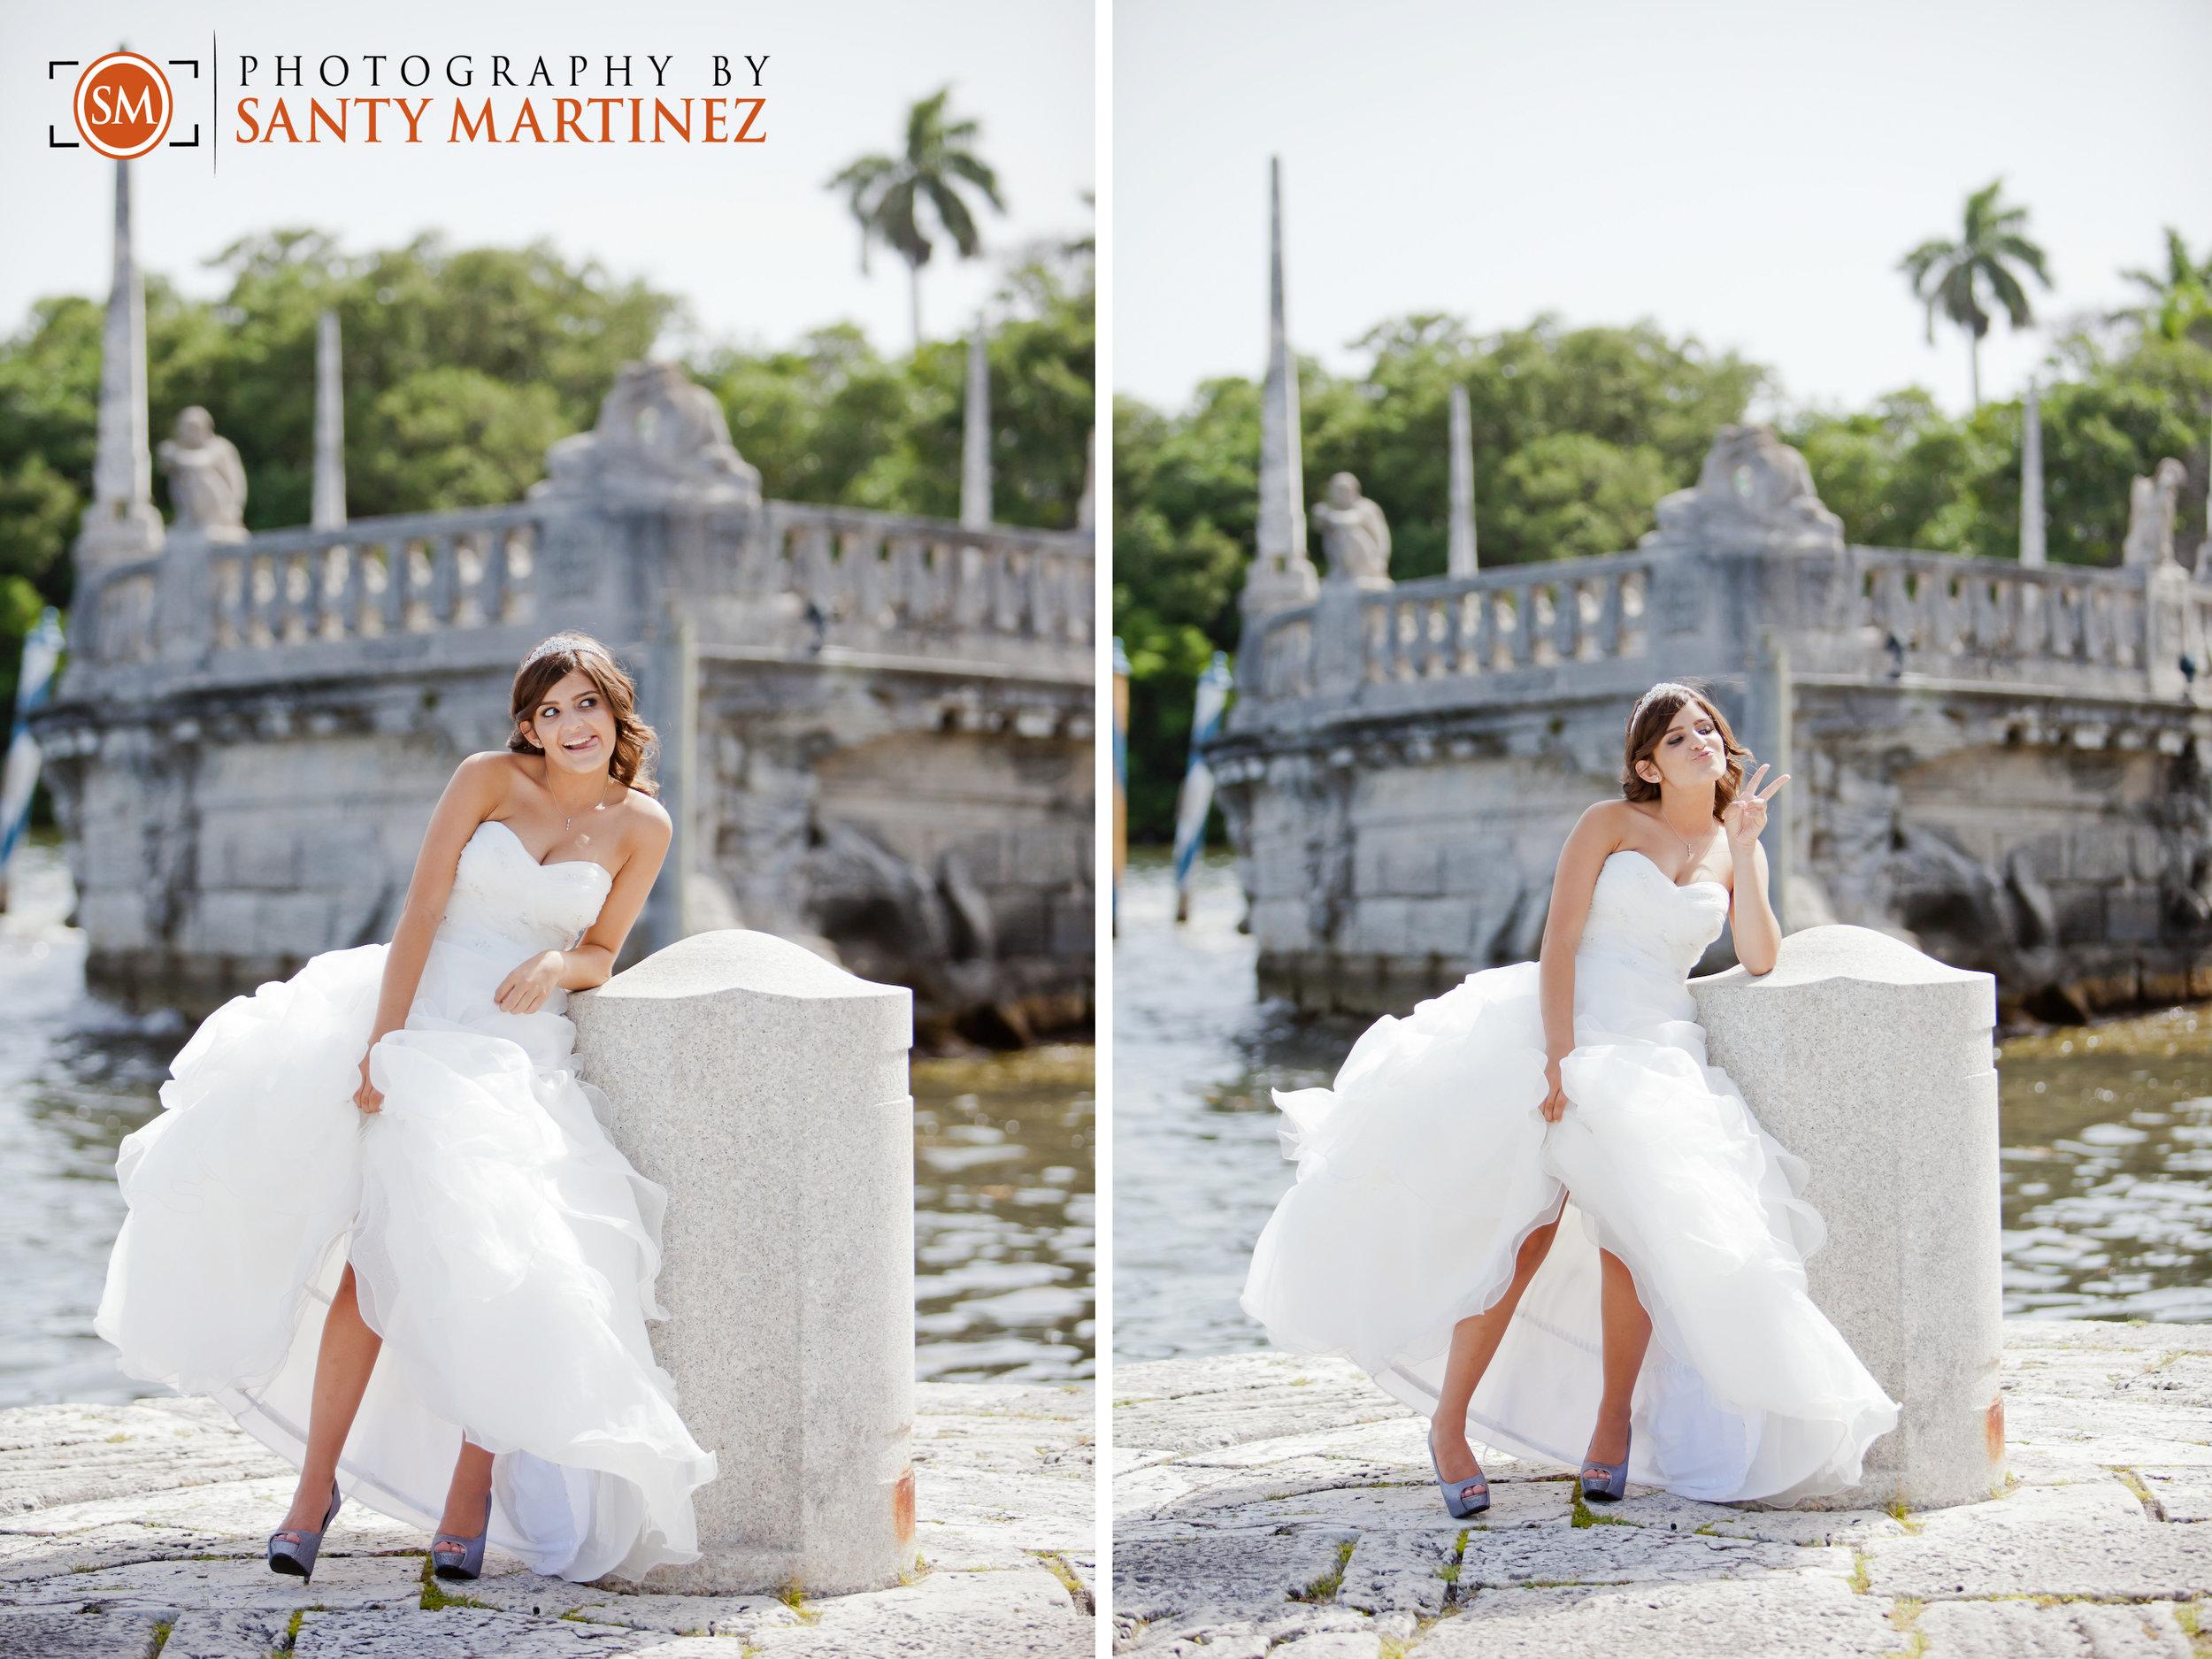 Miami Quinces Photographers - Santy Martinez -18.jpg